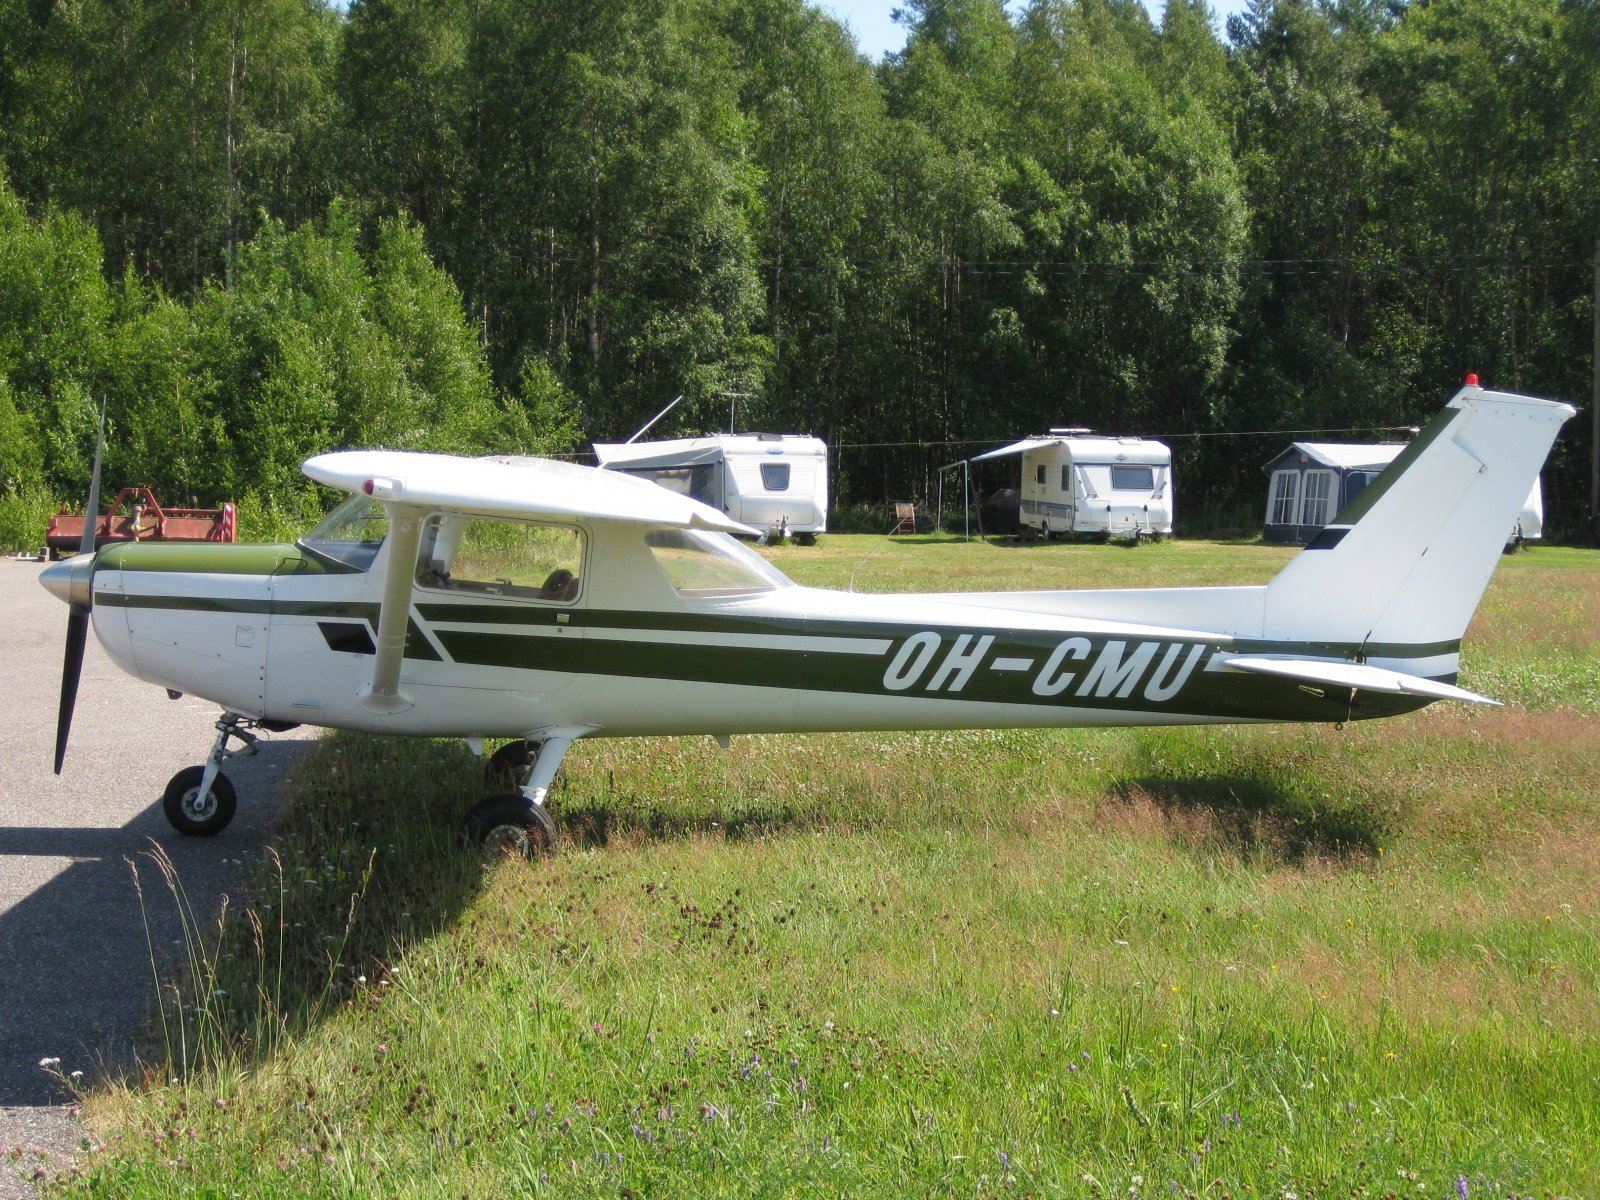 Cessna C152 II OH-CMU EFHN 2010-07-17